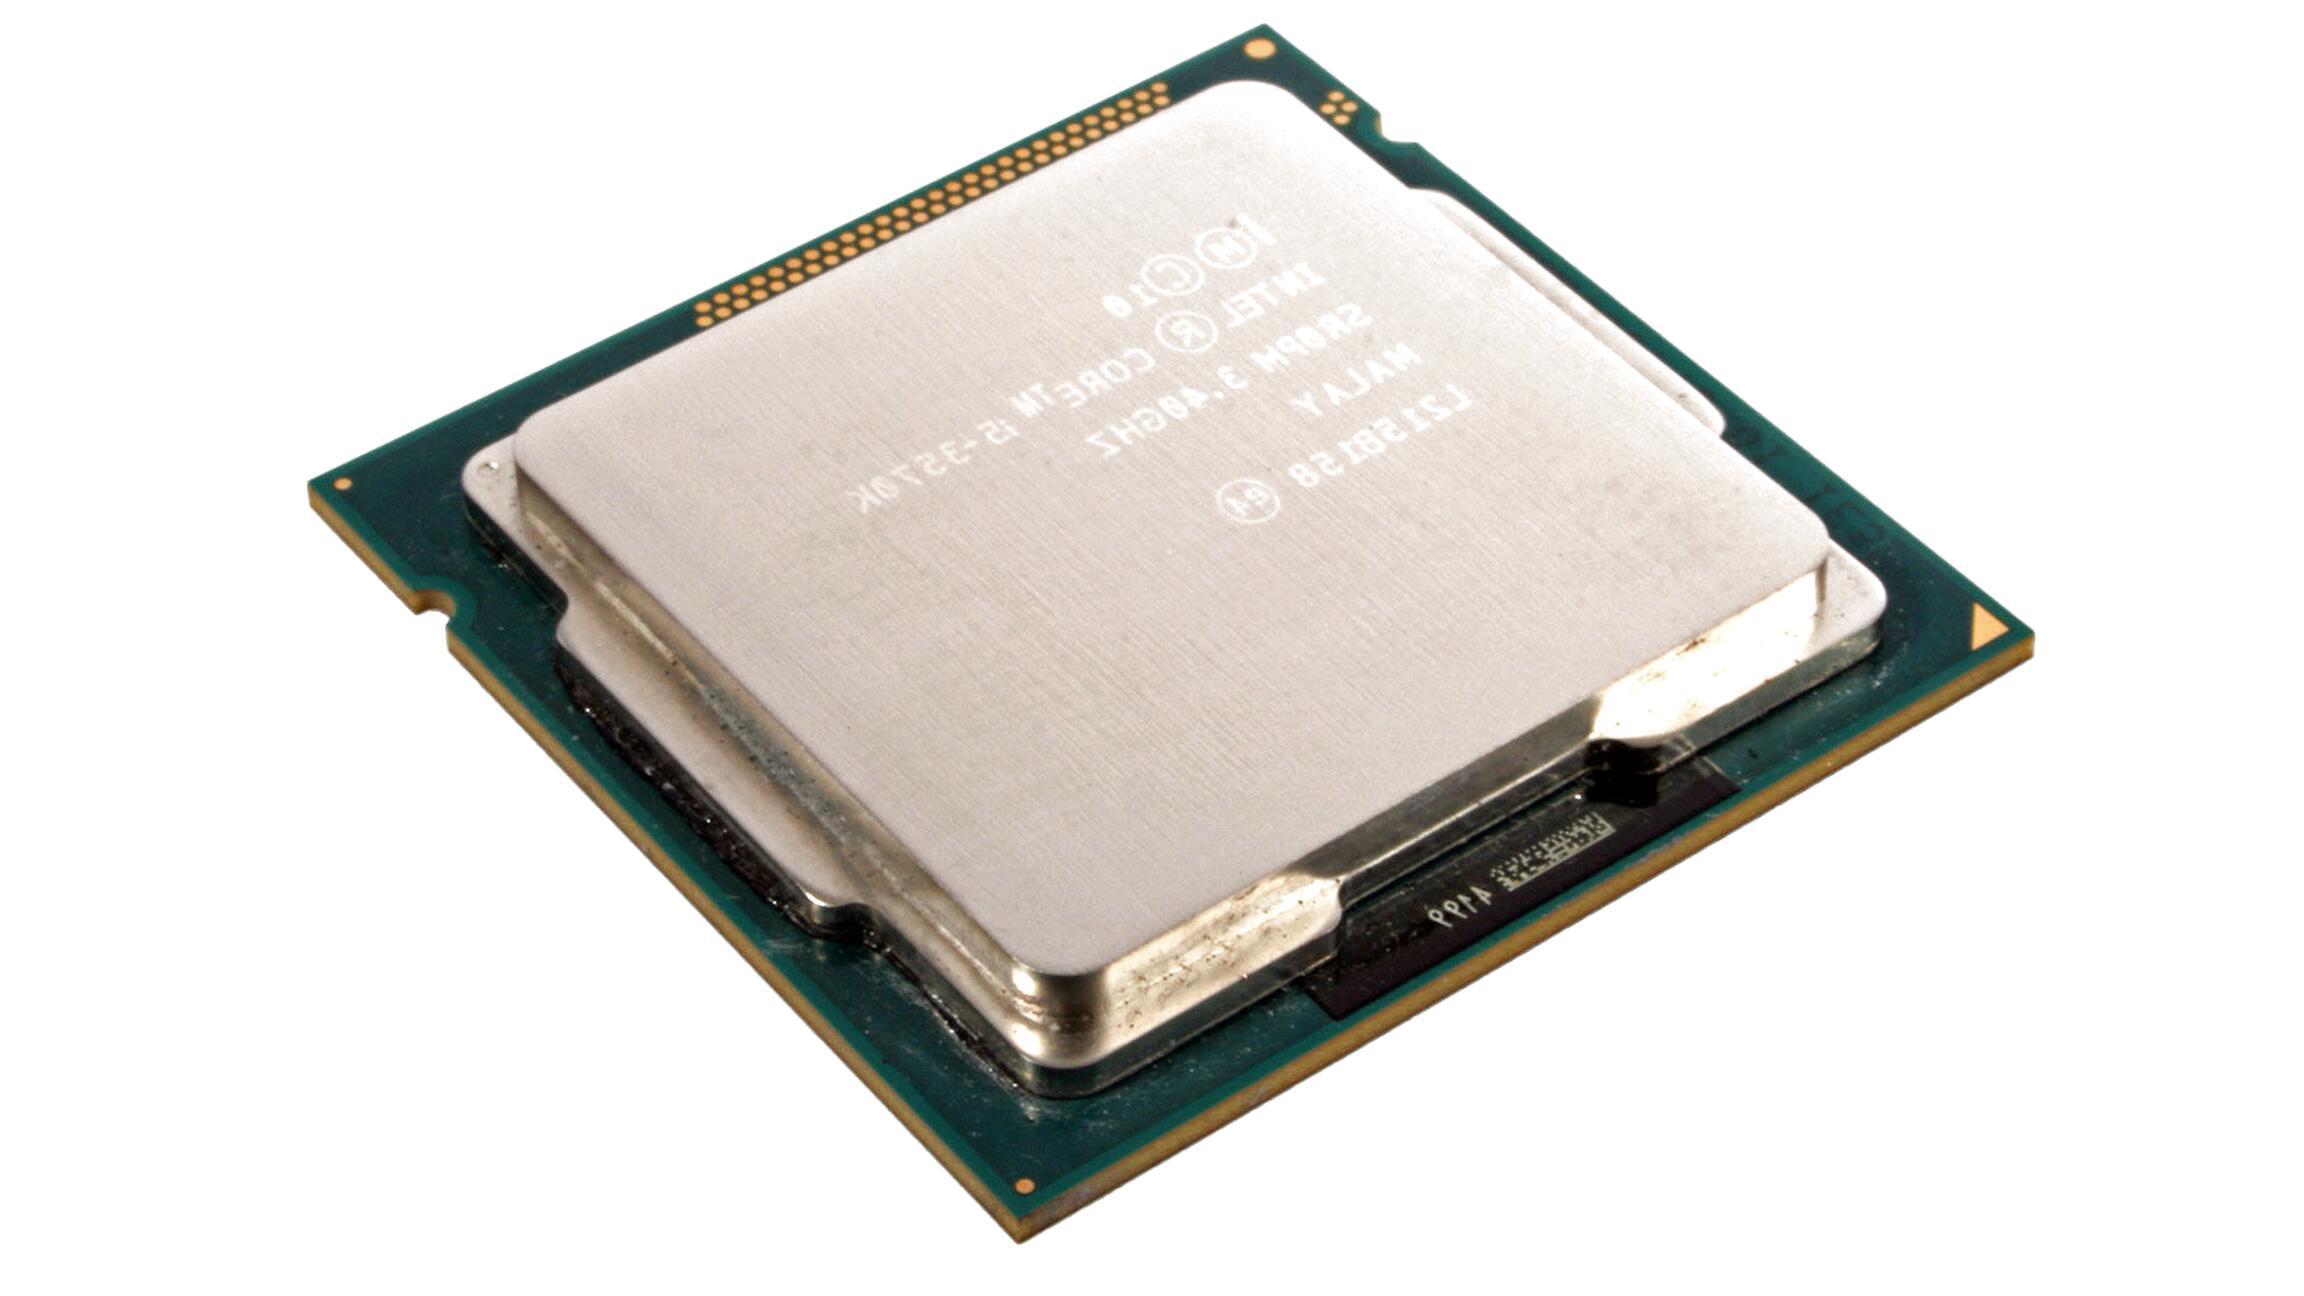 i5 3570k for sale